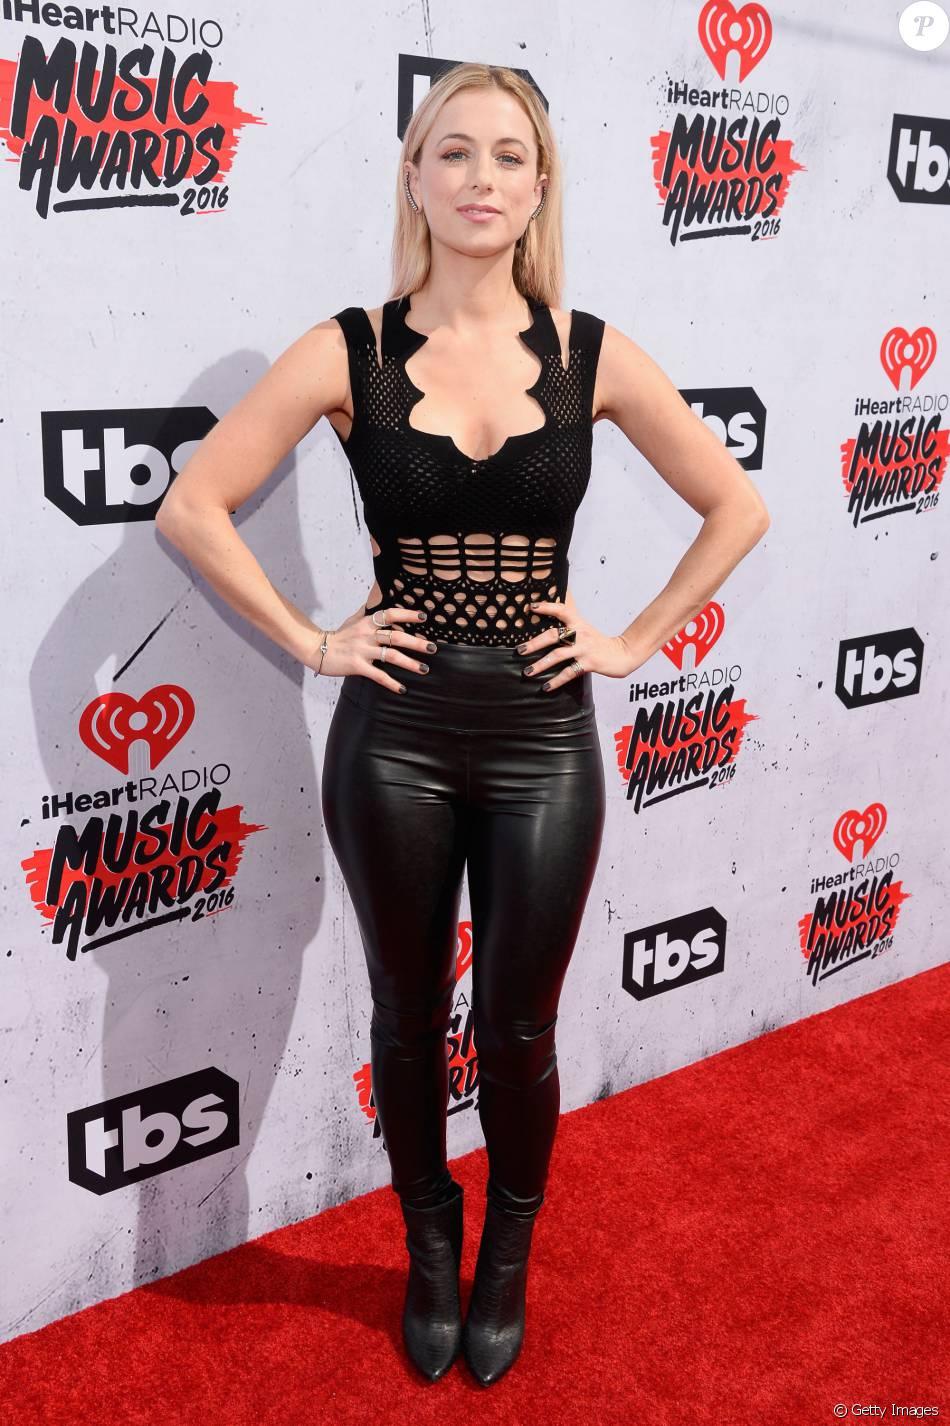 A comediante Iliza Shlesinger escolheu macacão preto de couro para o iHeartRadio Music Awards, neste domingo, 3 de abril de 2016